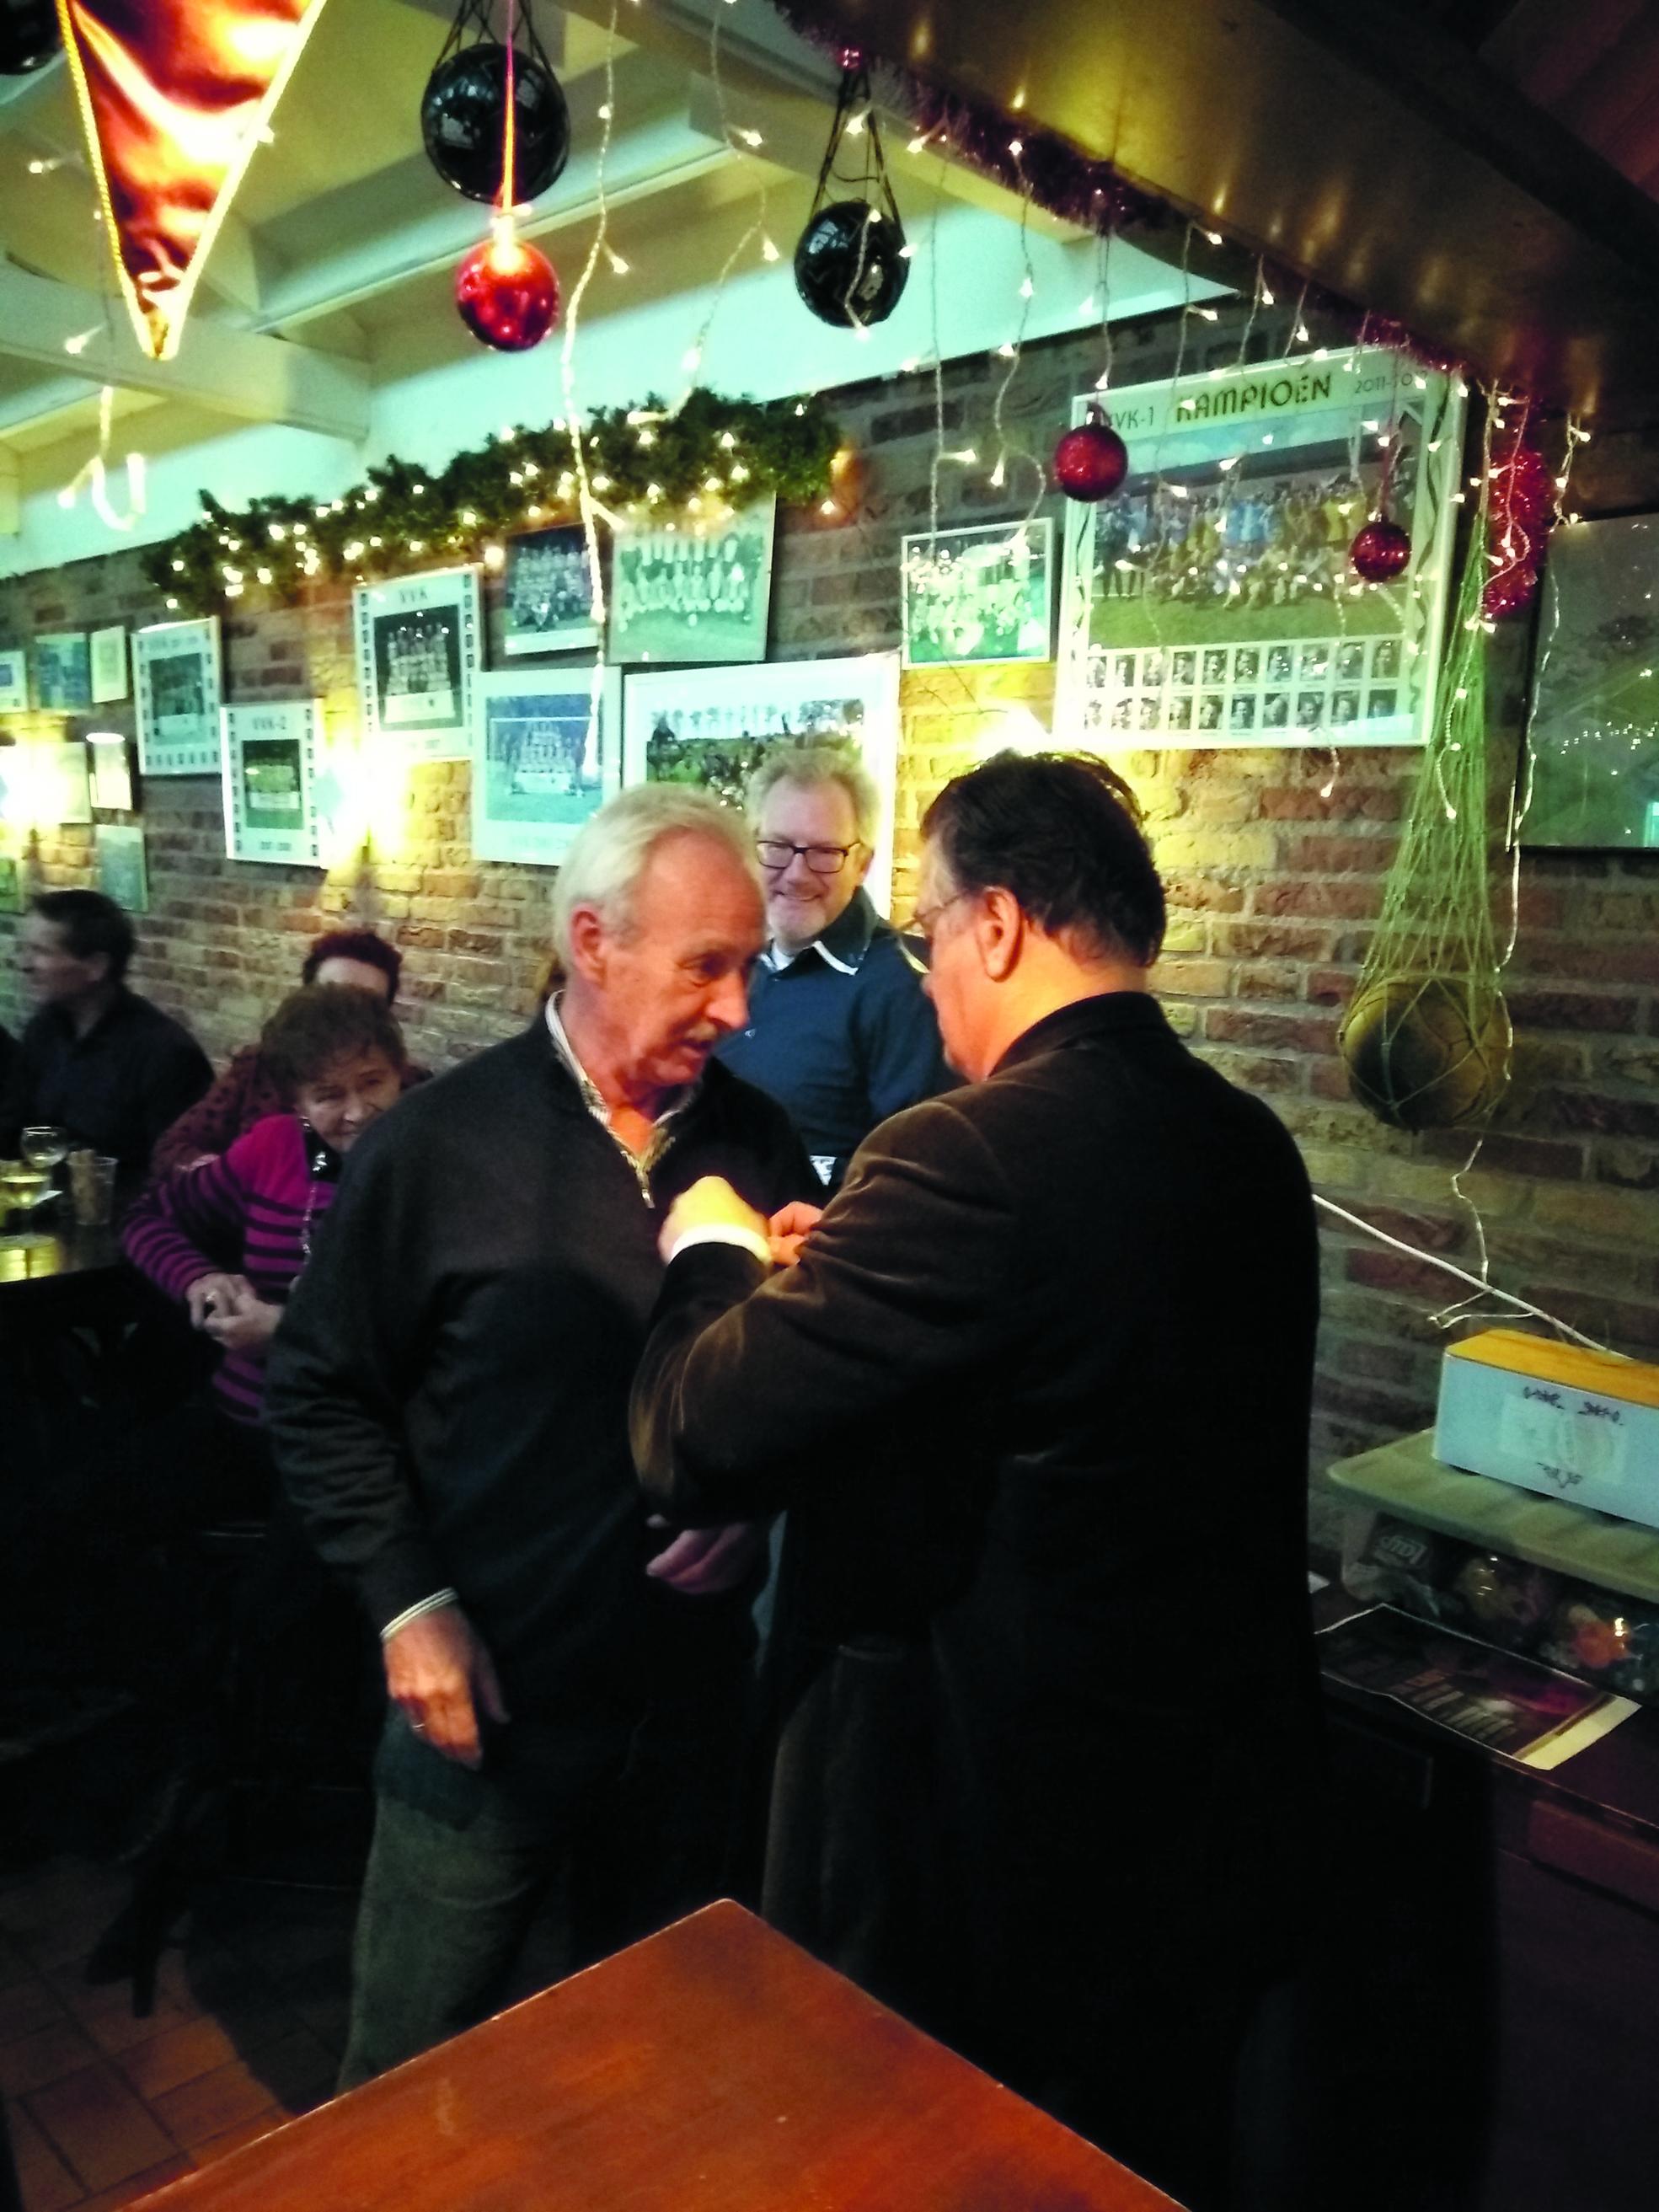 Aad Stam is zestig jaar lid van Vv Knollendam. Daarvoor kreeg hij op nieuwjaarsdag uit handen van voorzitter George Zwart de bijbehorende speld. (Foto: Bart van der Laan)